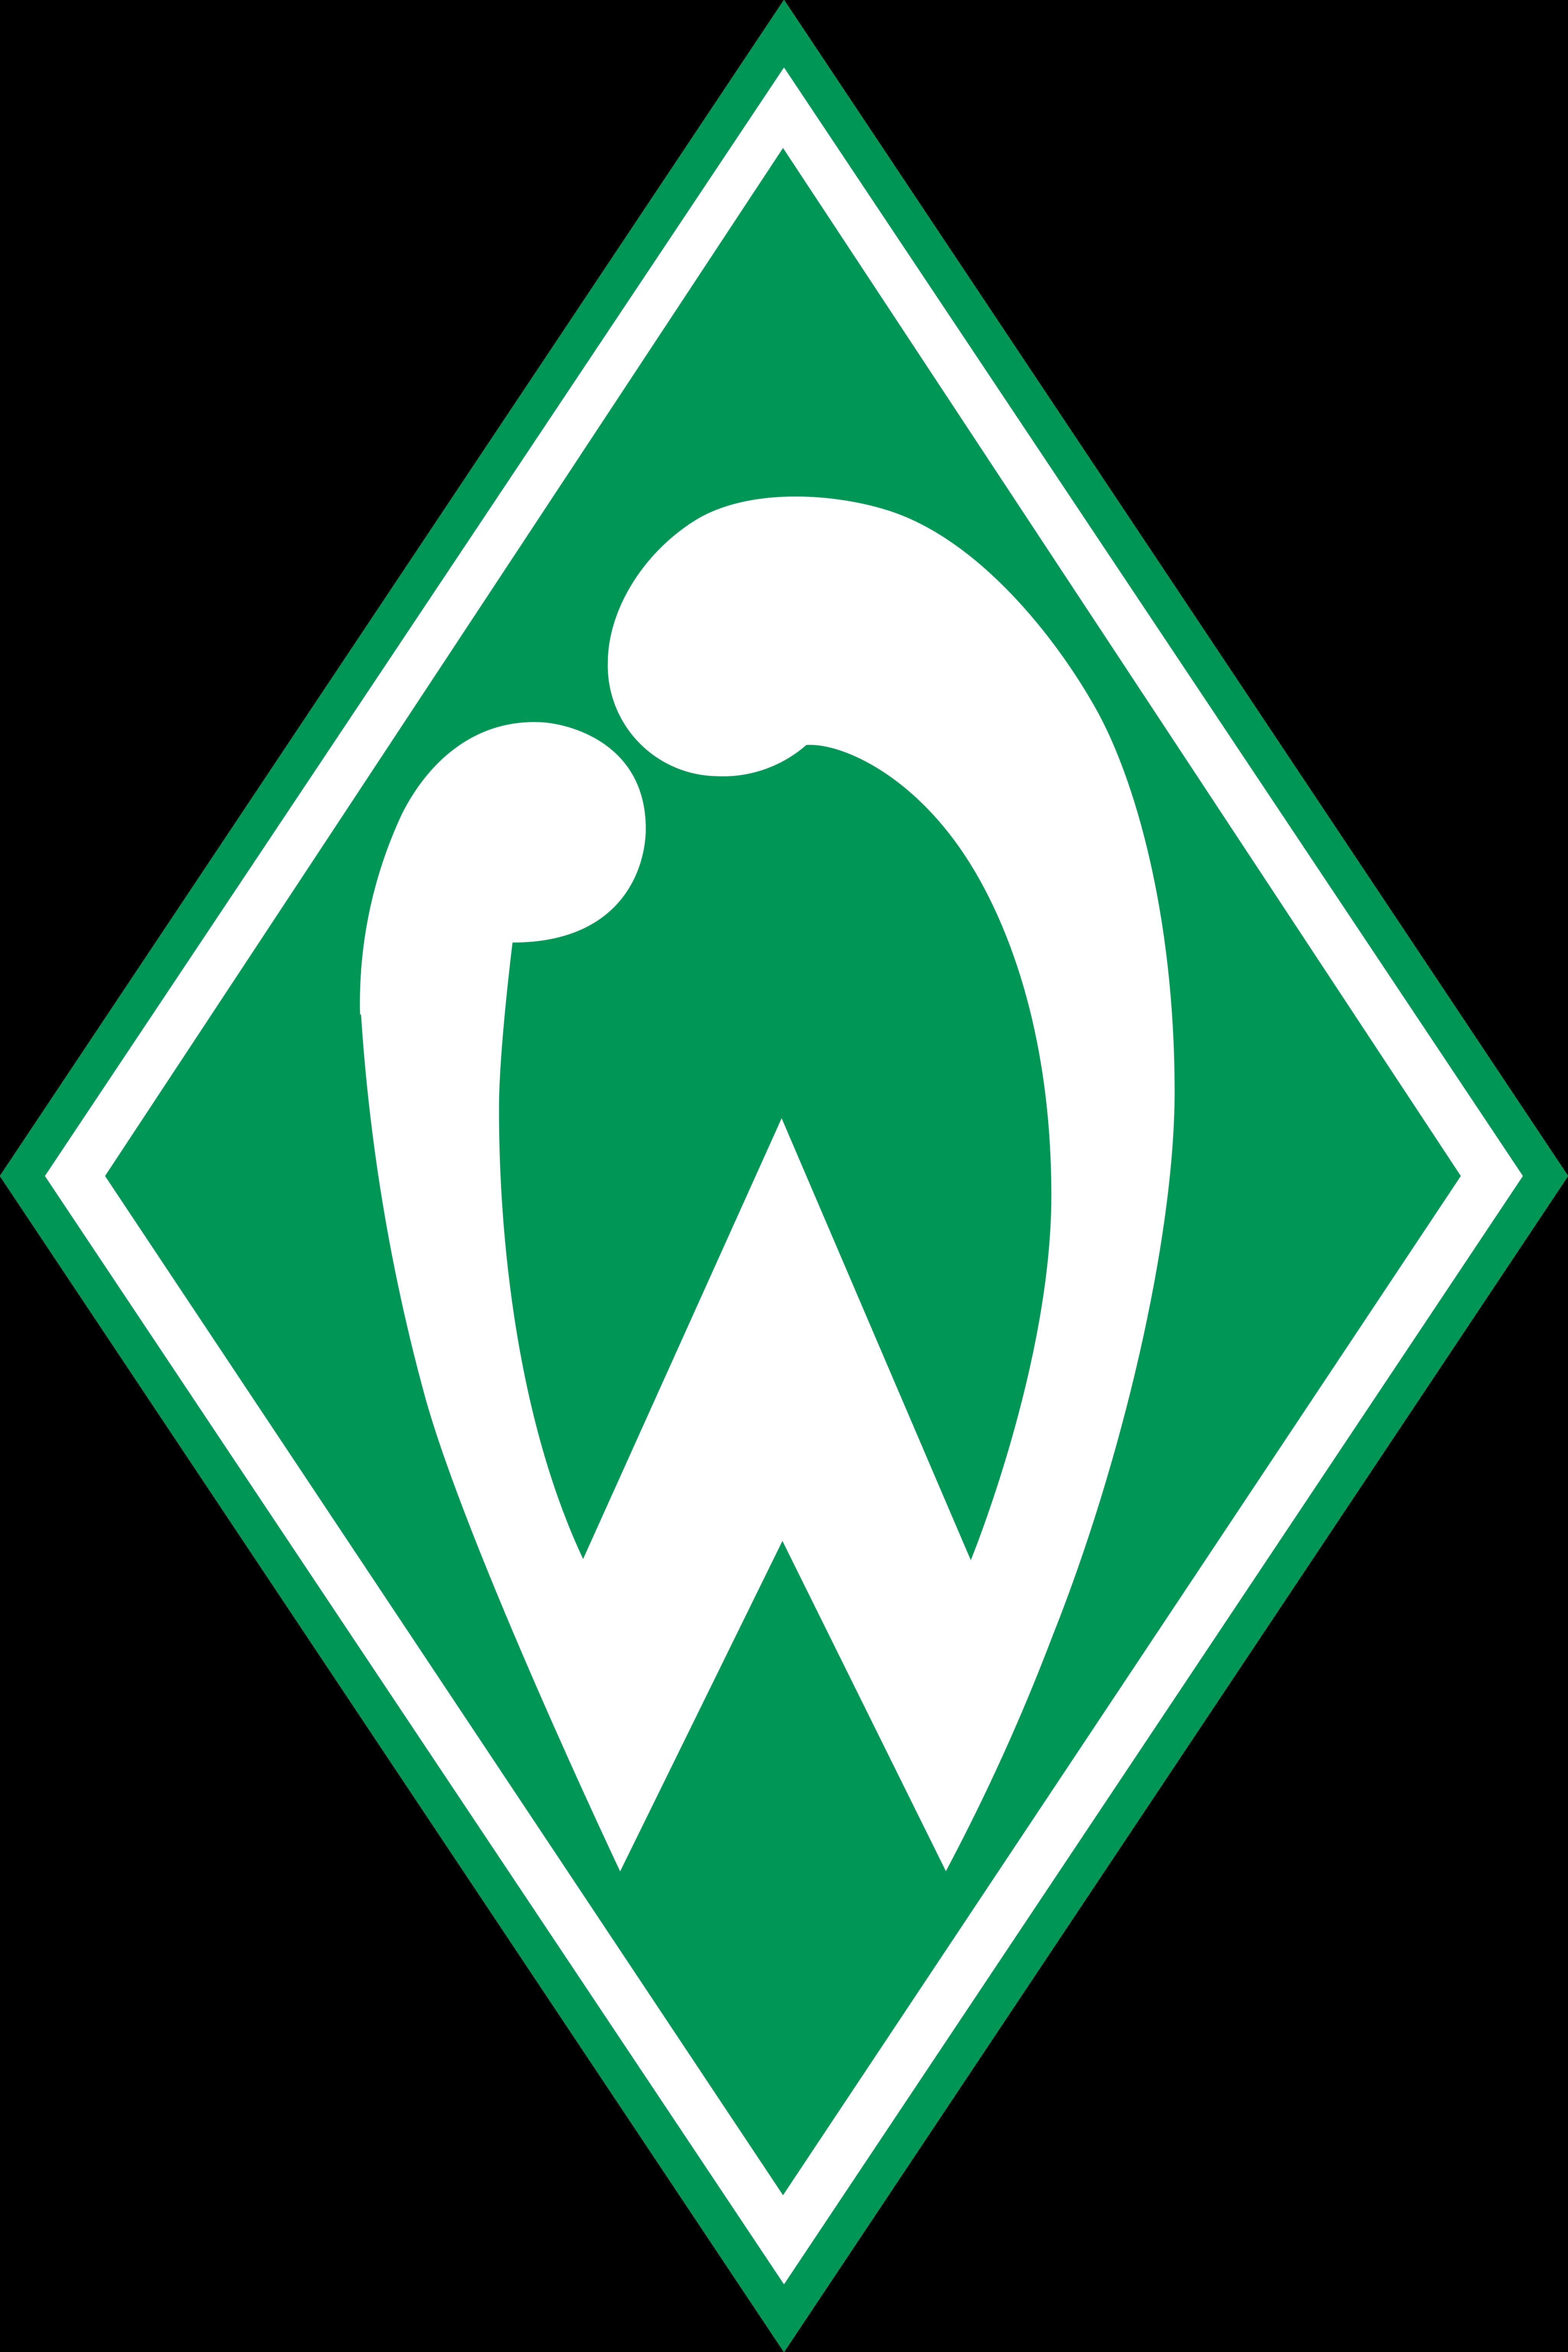 werder bremen logo - SV Werder Bremen Logo